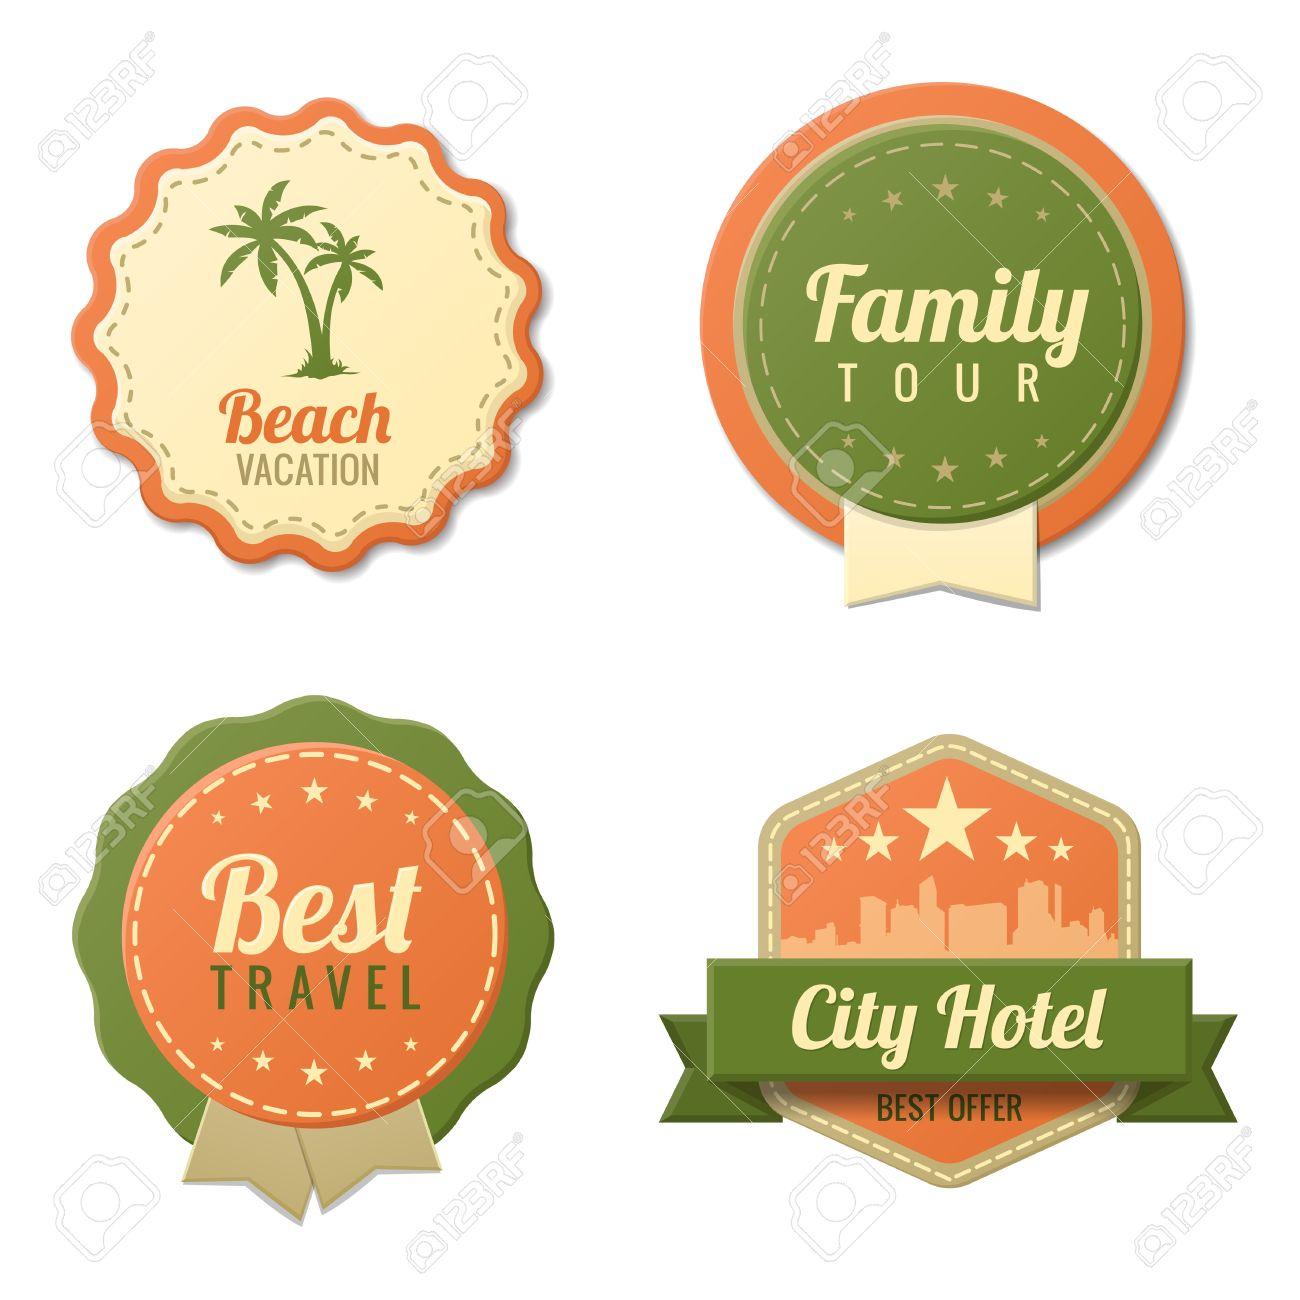 Voyage Vintage Labels Logo Modele Collection Tourisme Stickers Retro Beach Visite Familiale De Style City Hotel Insigne Icones Vectoriel Editable Clip Art Libres De Droits Vecteurs Et Illustration Image 18856540